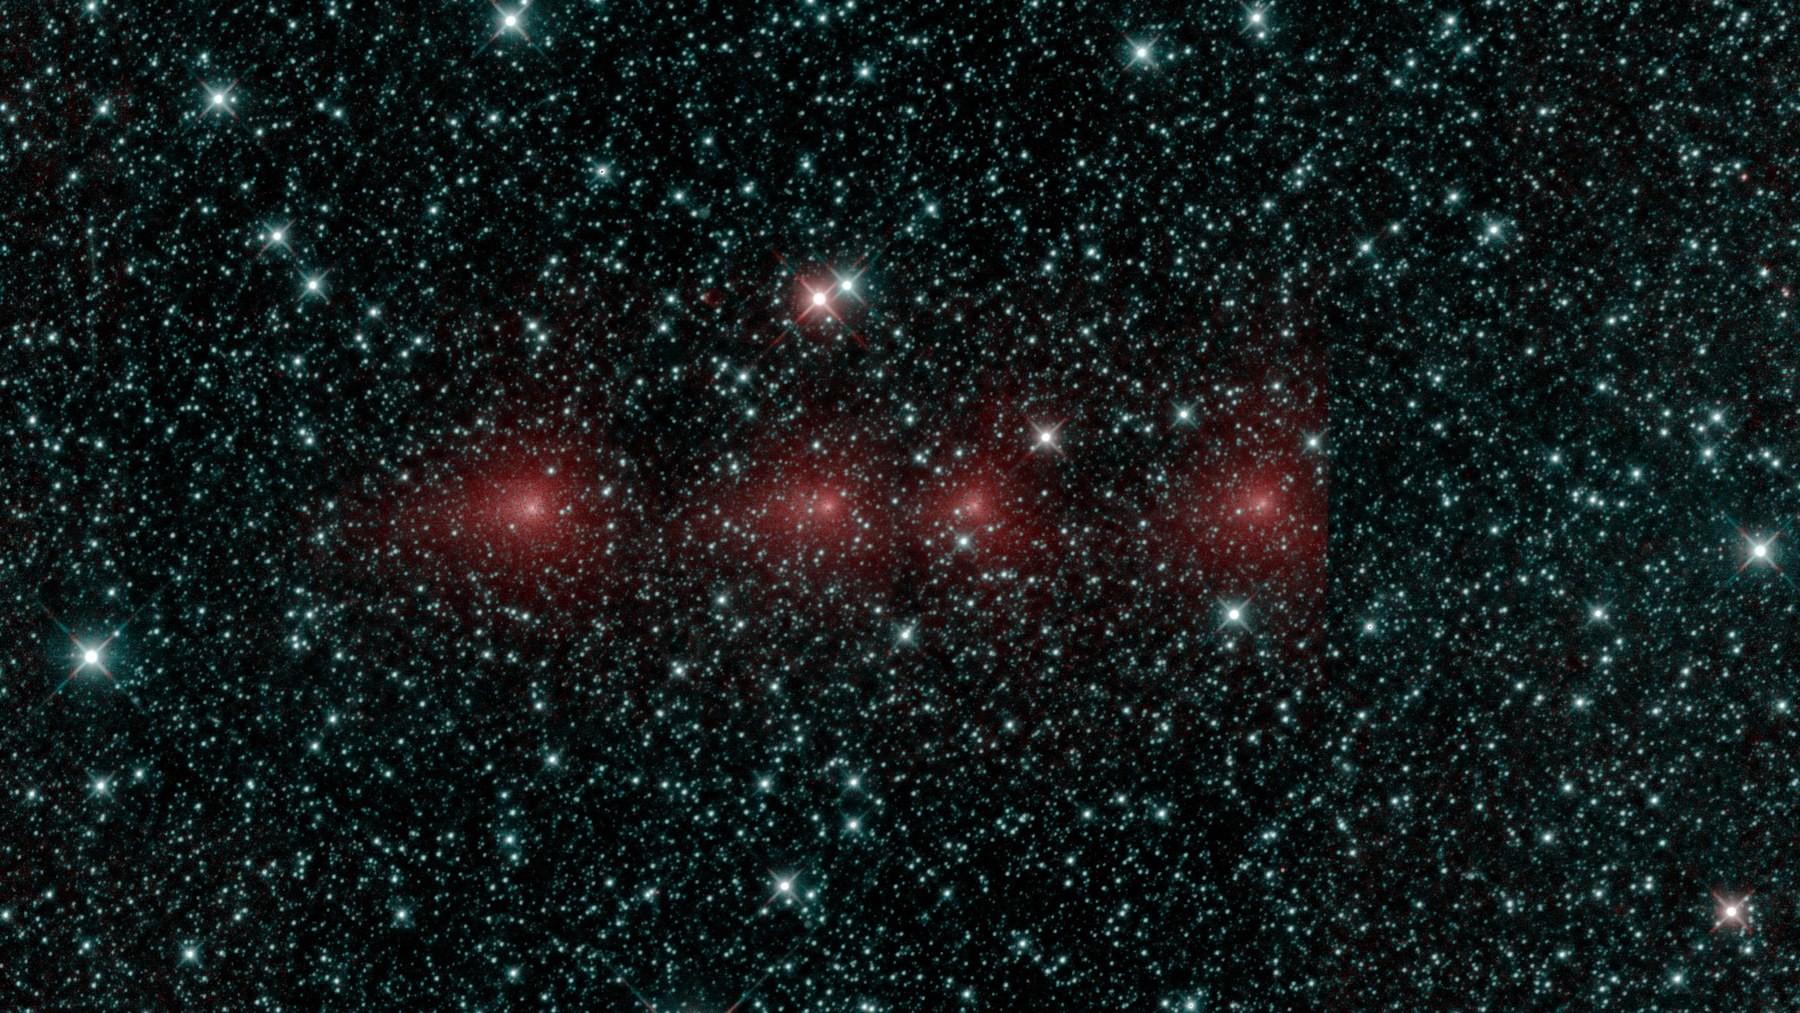 Четыре пятна – это все одна комета C2018 Y1 Ивамото, снятая с четырьмя различными экспозициями